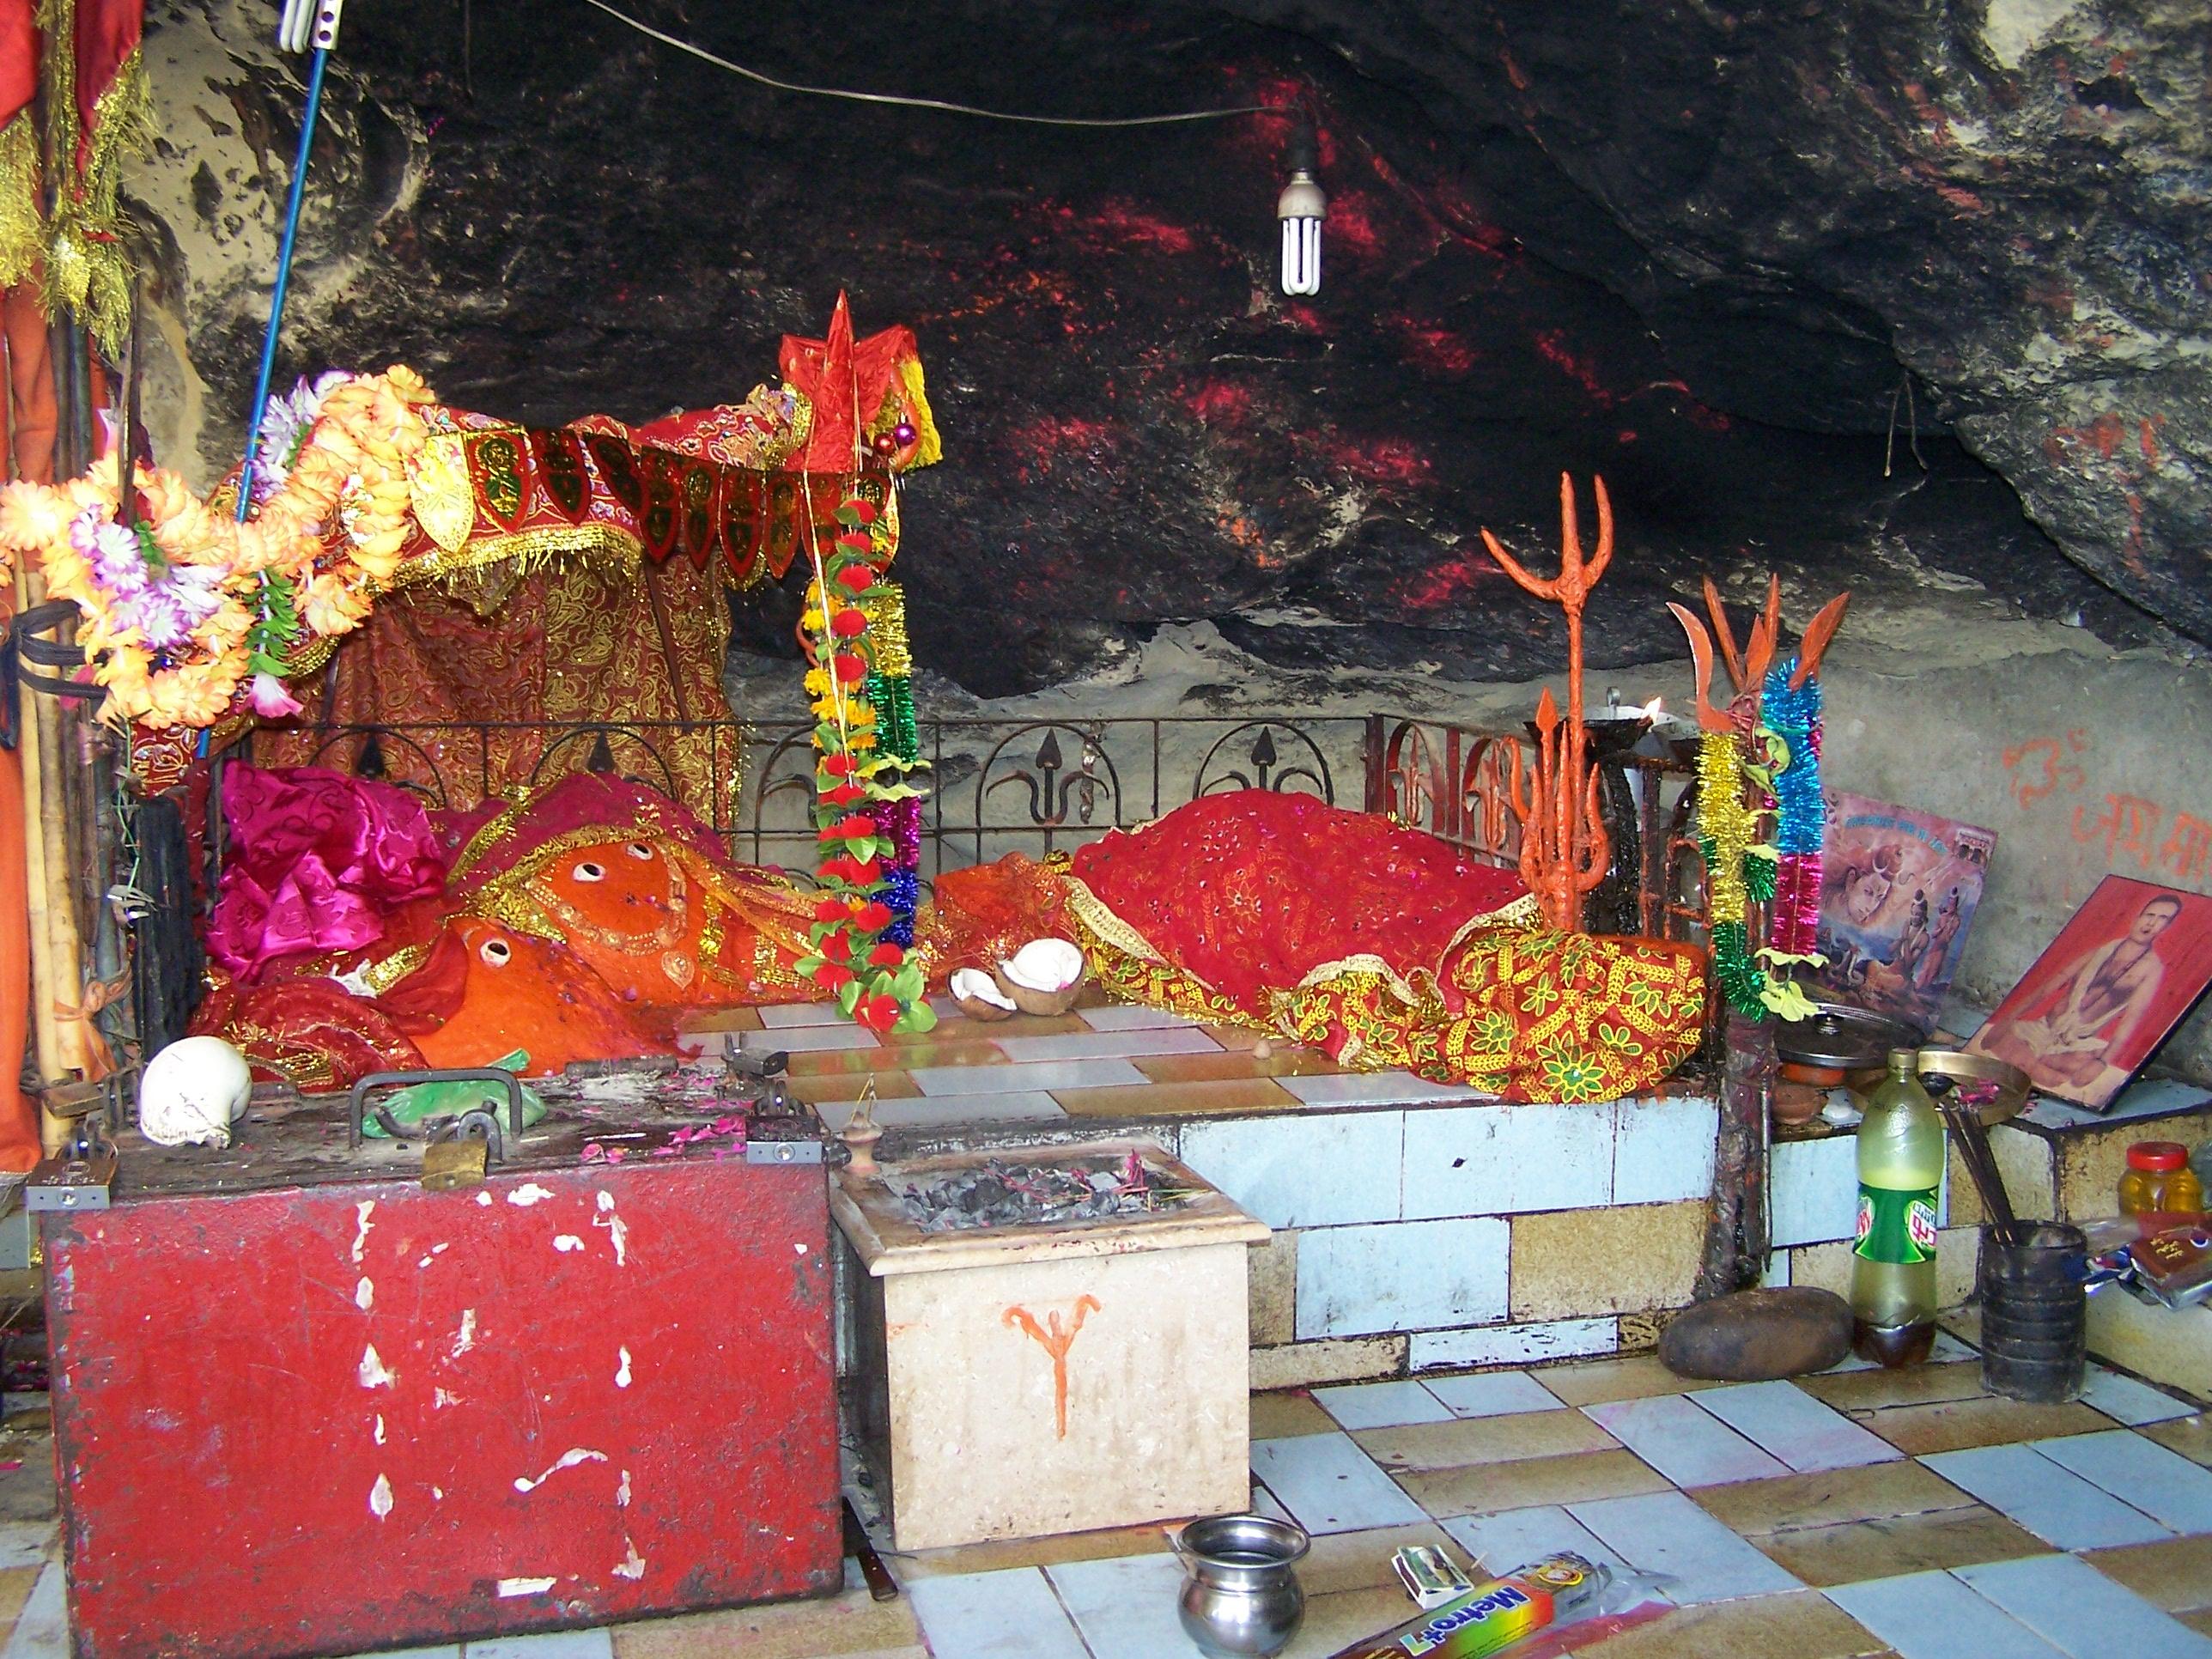 ਪਾਕਿਸਤਾਨ 'ਚ ਵੀ ਹੈ ਸ਼ਕਤੀਪੀਠ ਮੰਦਰ, ਹਿੰਦੂ-ਮੁਸਲਿਮ ਮਿਲ ਕੇ ਕਰਦੇ ਨੇ ਪੂਜਾ